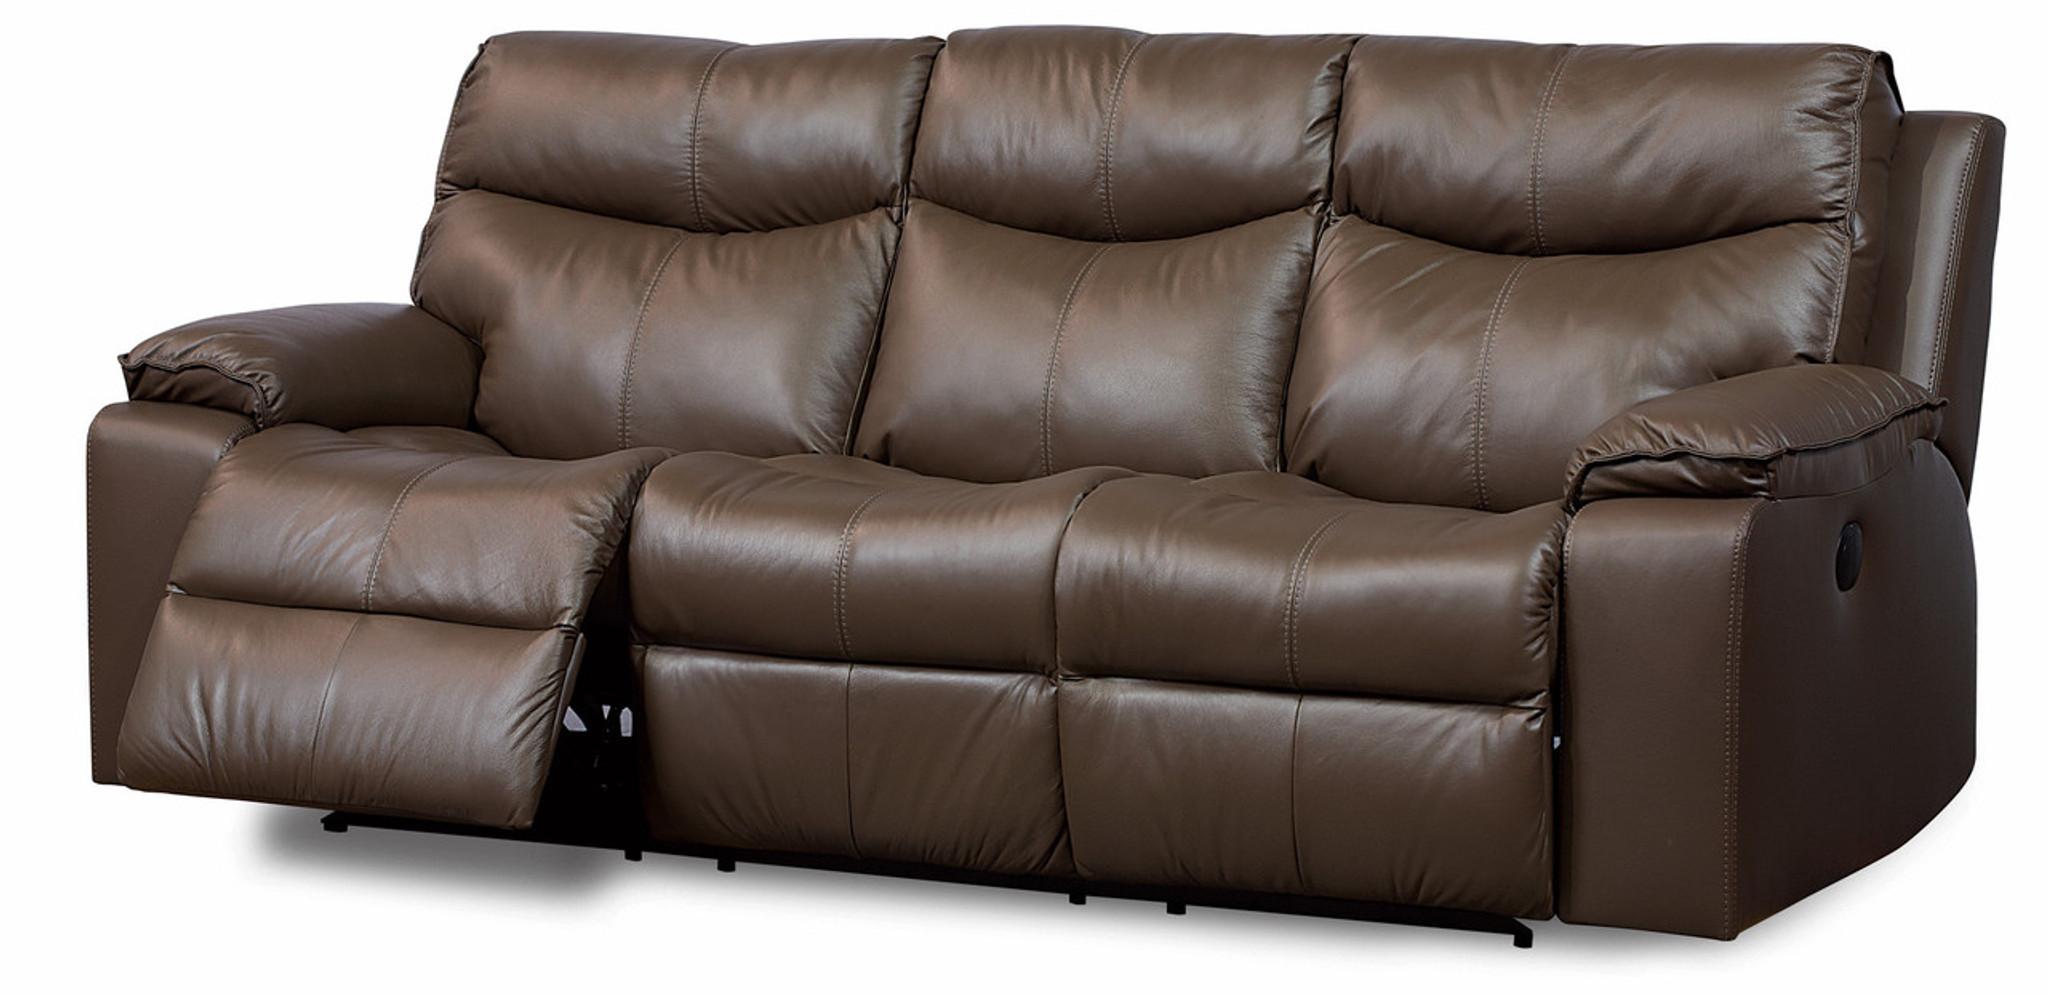 Palliser Leather Recliner Sofa -Model:Providence 41034 ...